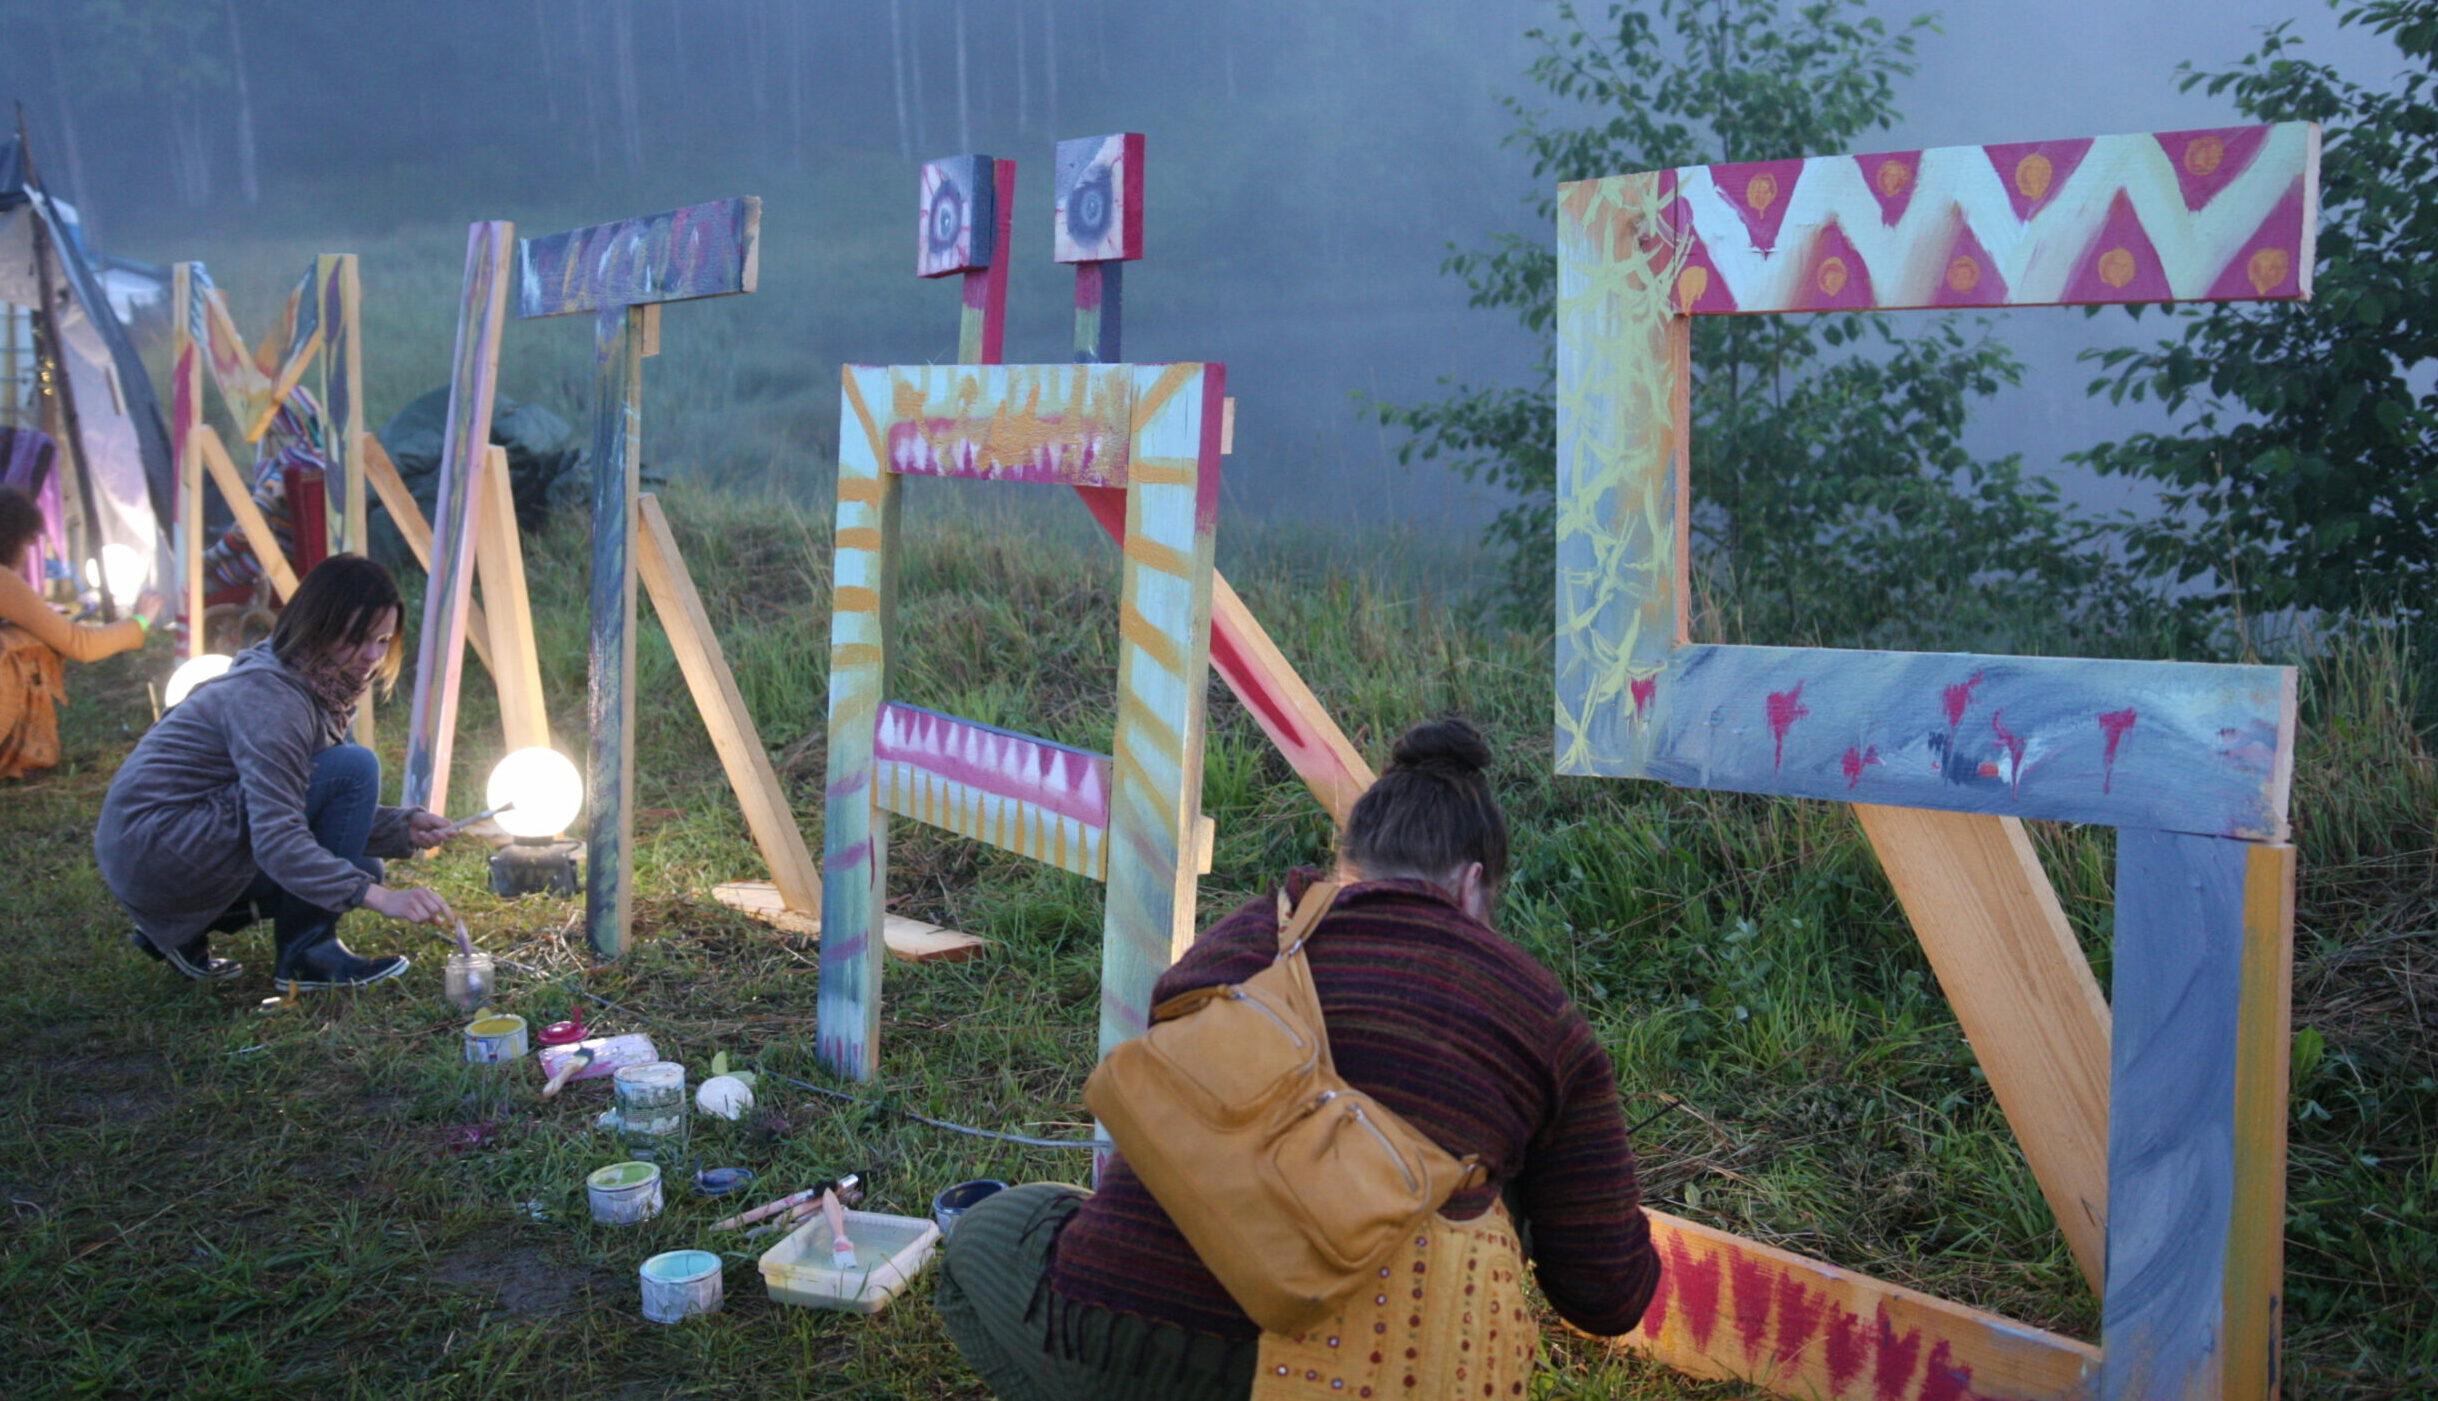 Kävijöiden omat työpajat ja esitykset, performatiivinen smoothie-baari ja ennustajan temppeli – Mitäksillä saa osallistua